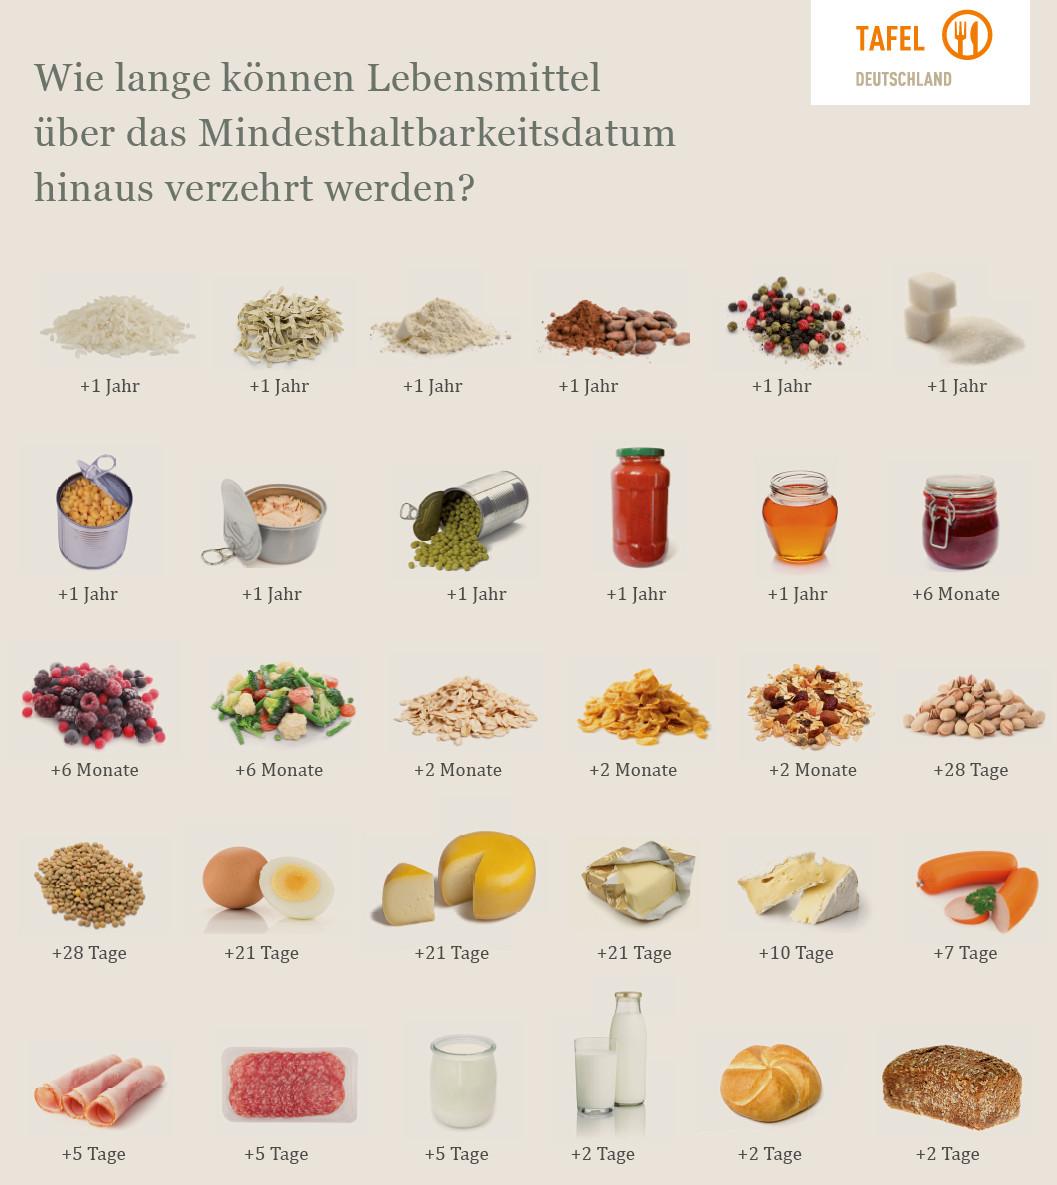 Mindesthaltbarkeitsdatum von Lebensmitteln